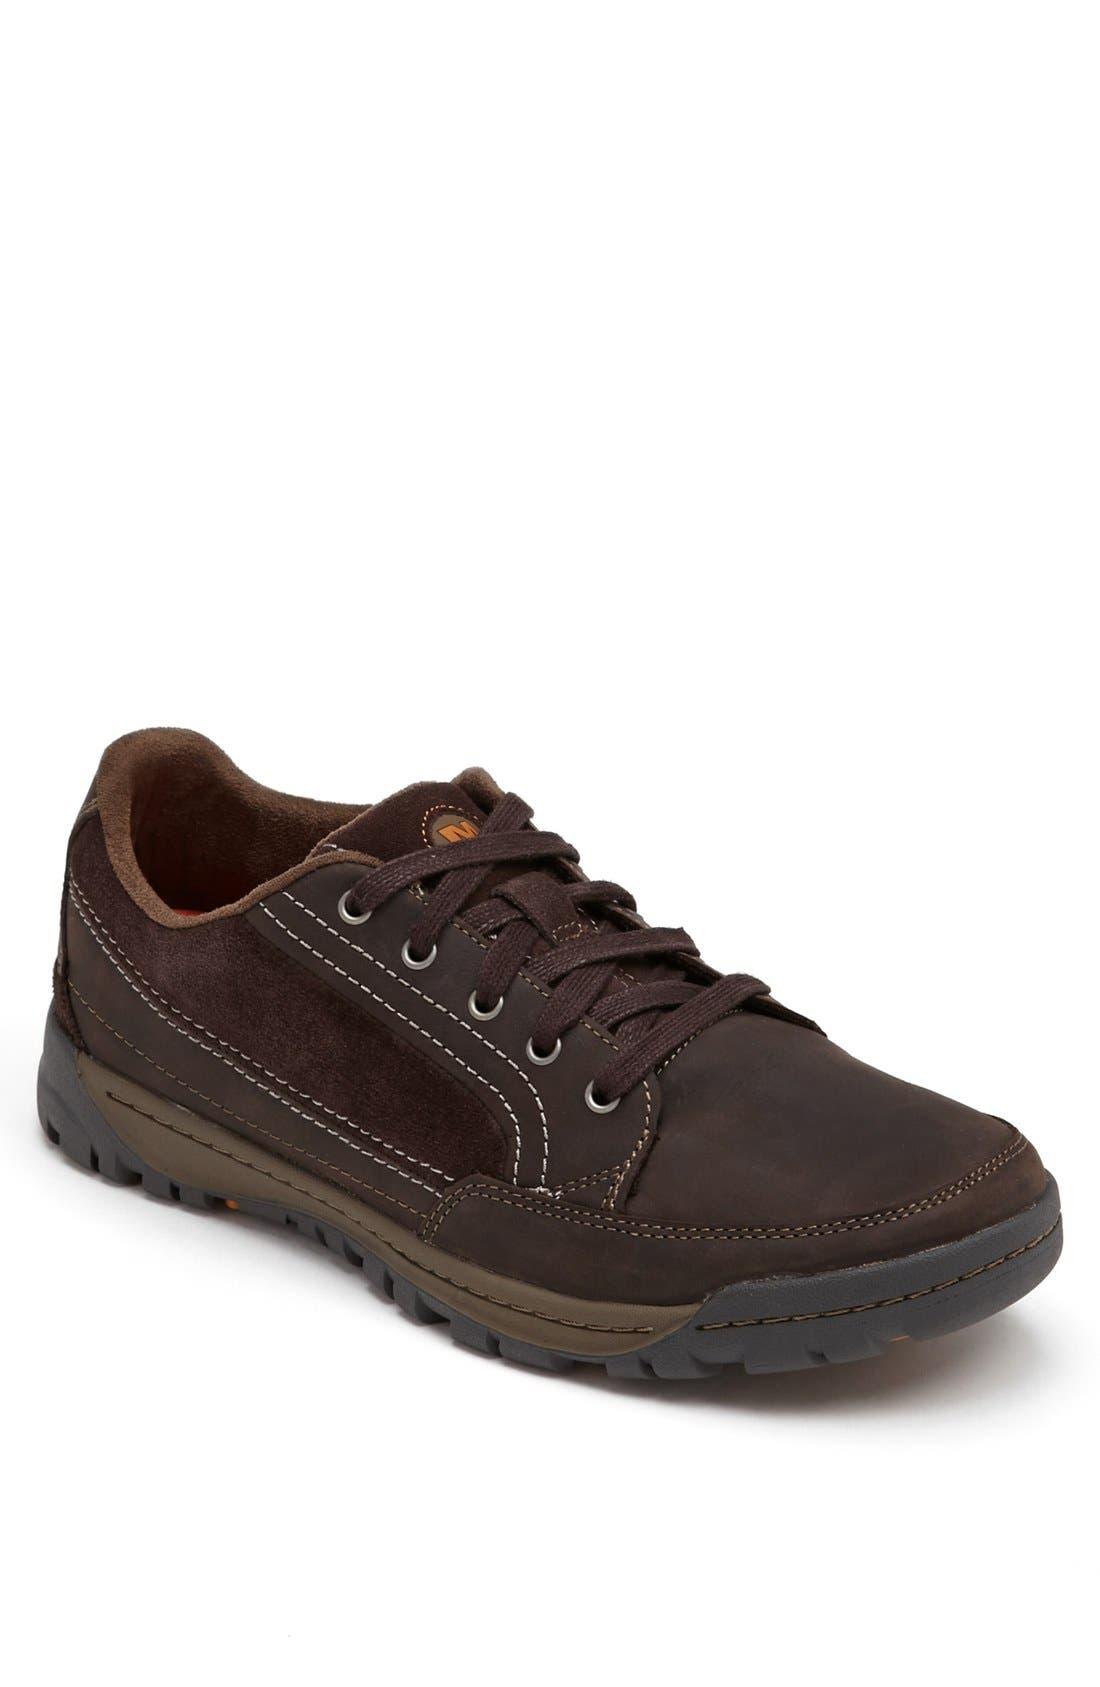 Main Image - Merrell 'Traveler Sphere' Sneaker (Men)